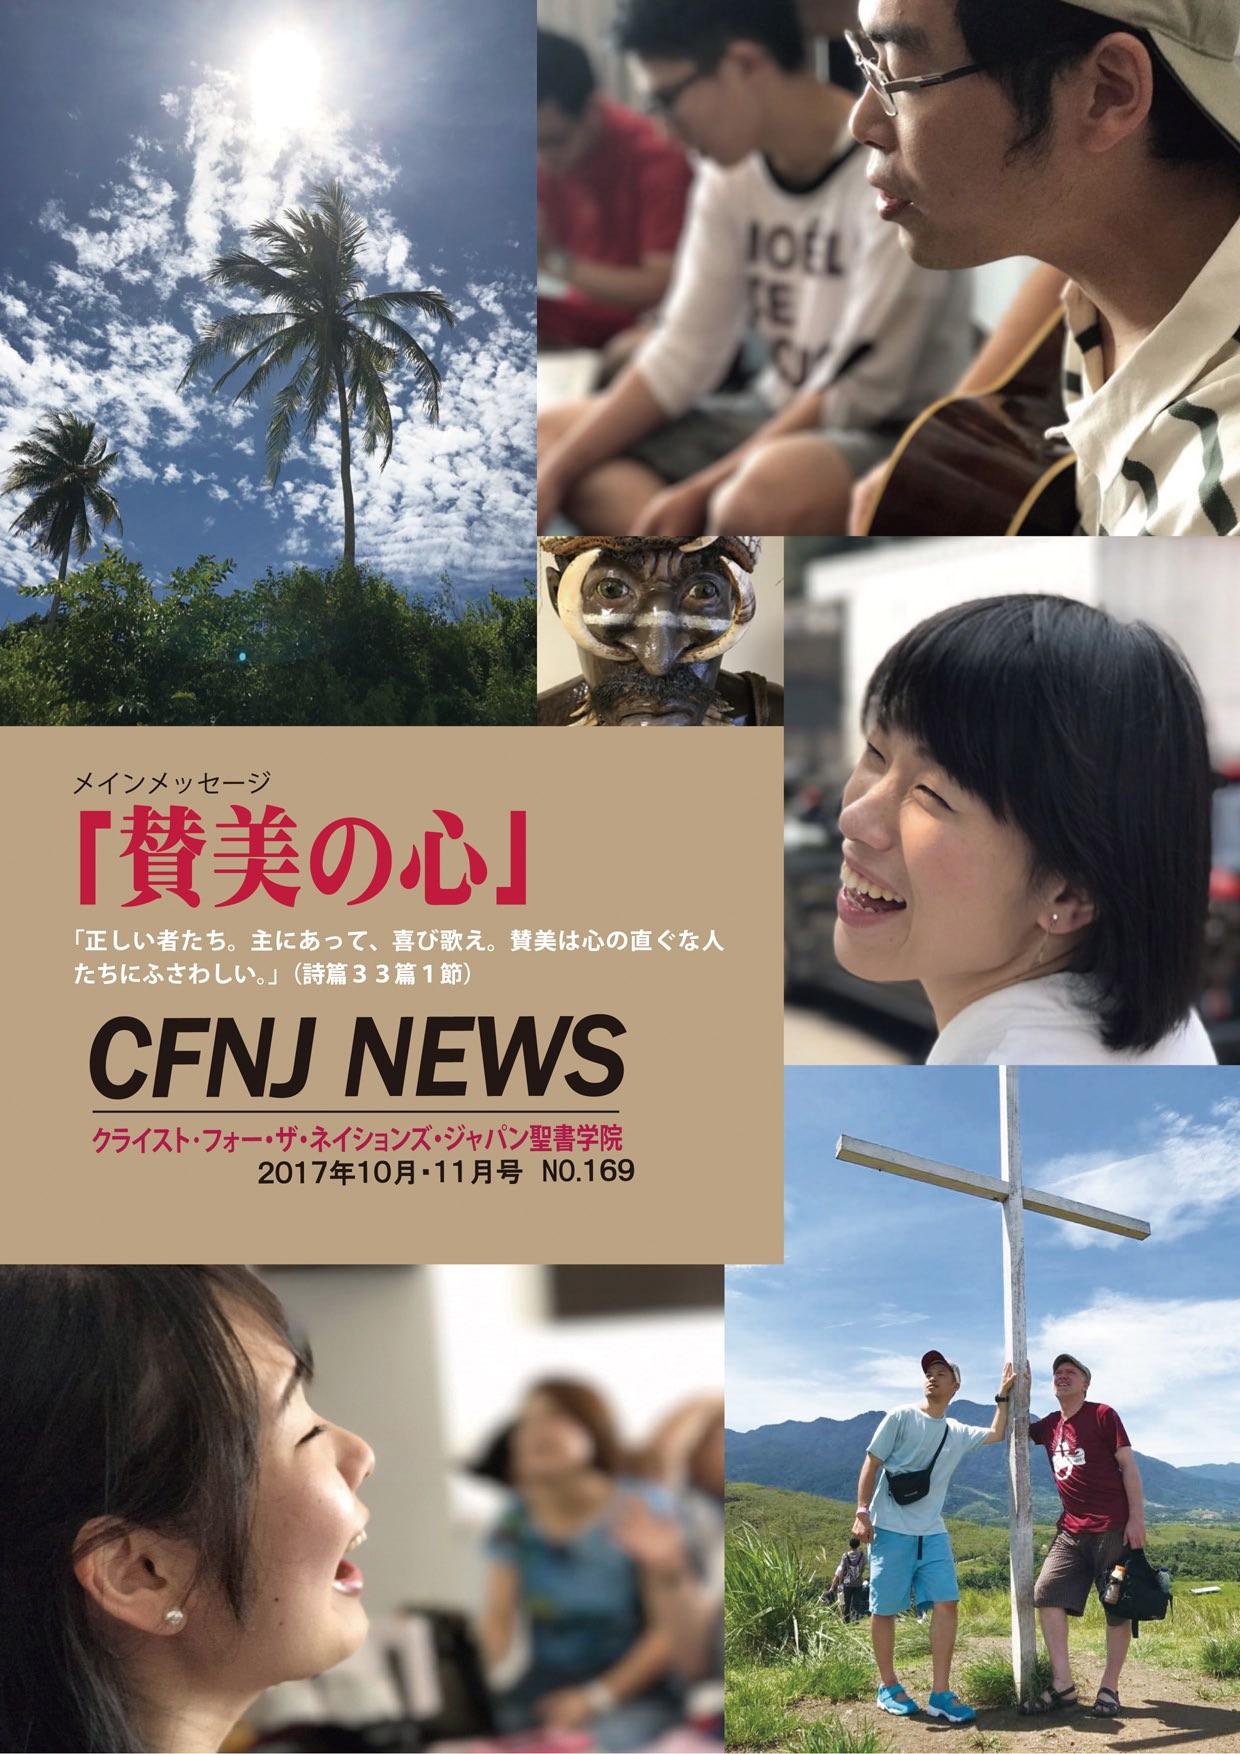 CFNJ NEWS No.169